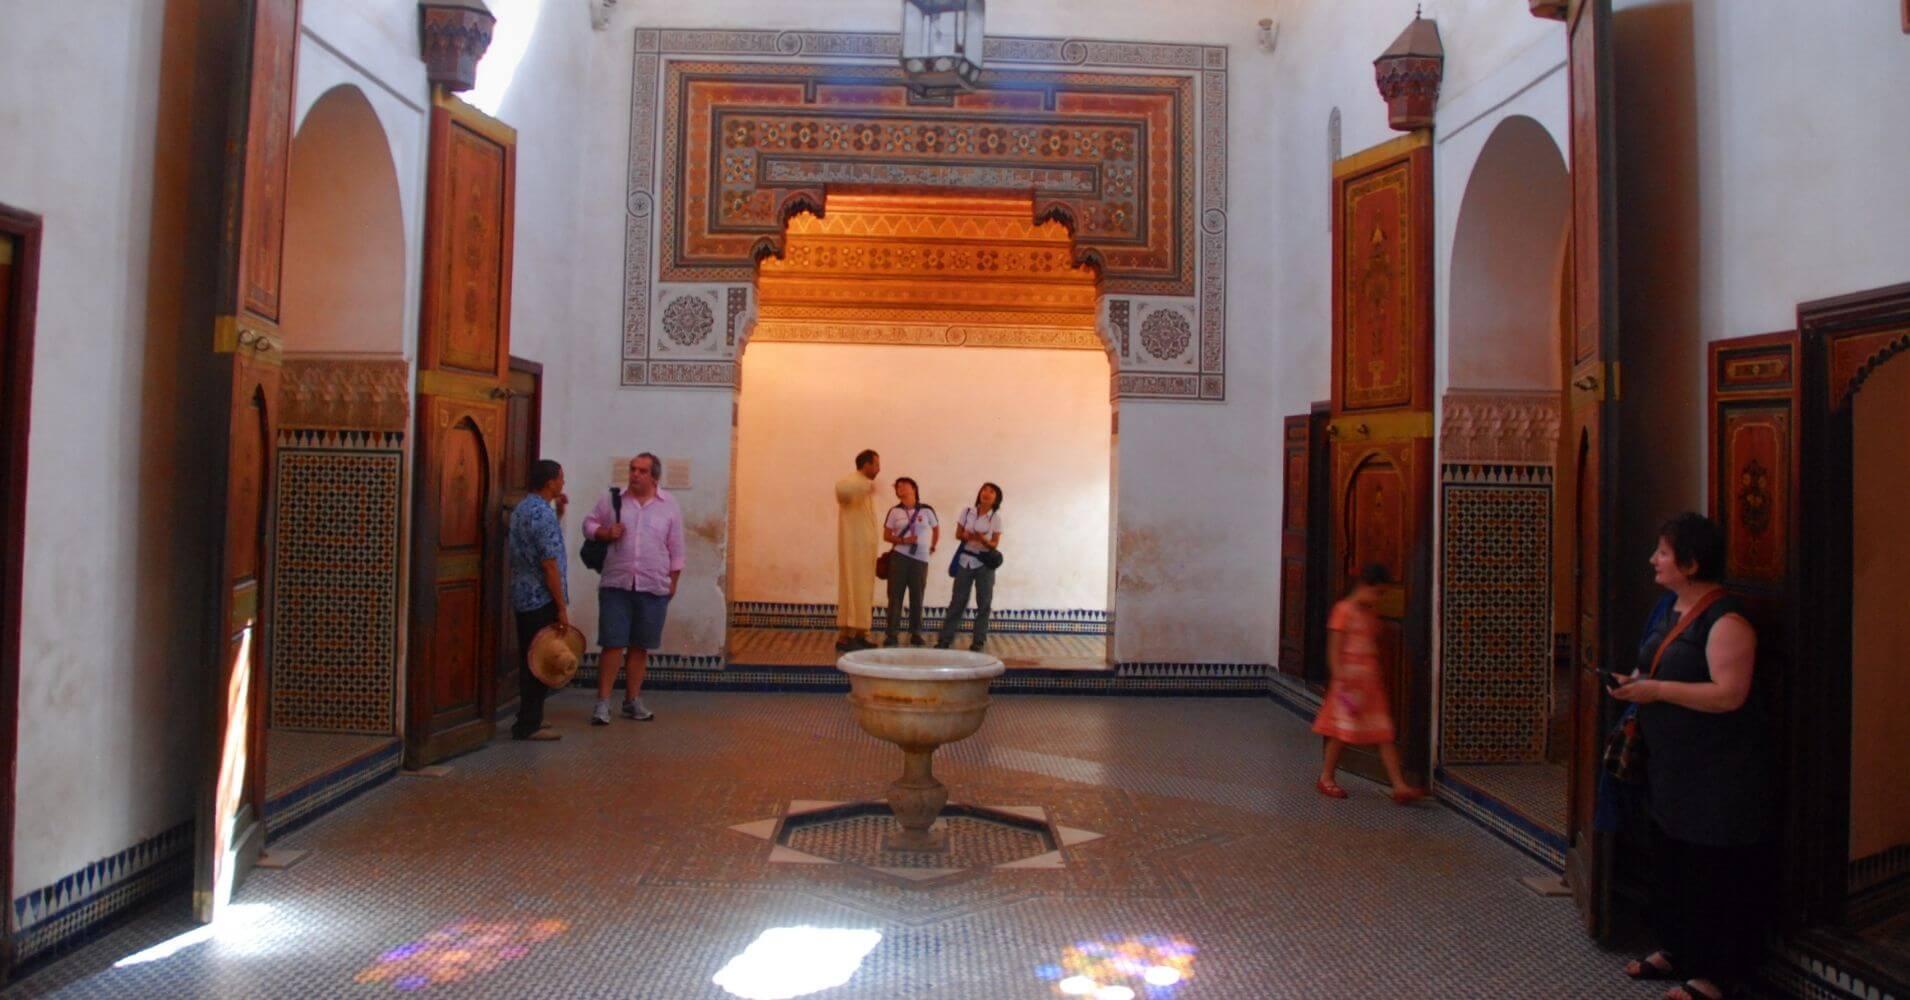 En el Palacio de la Bahía. Marrakech, Marruecos.